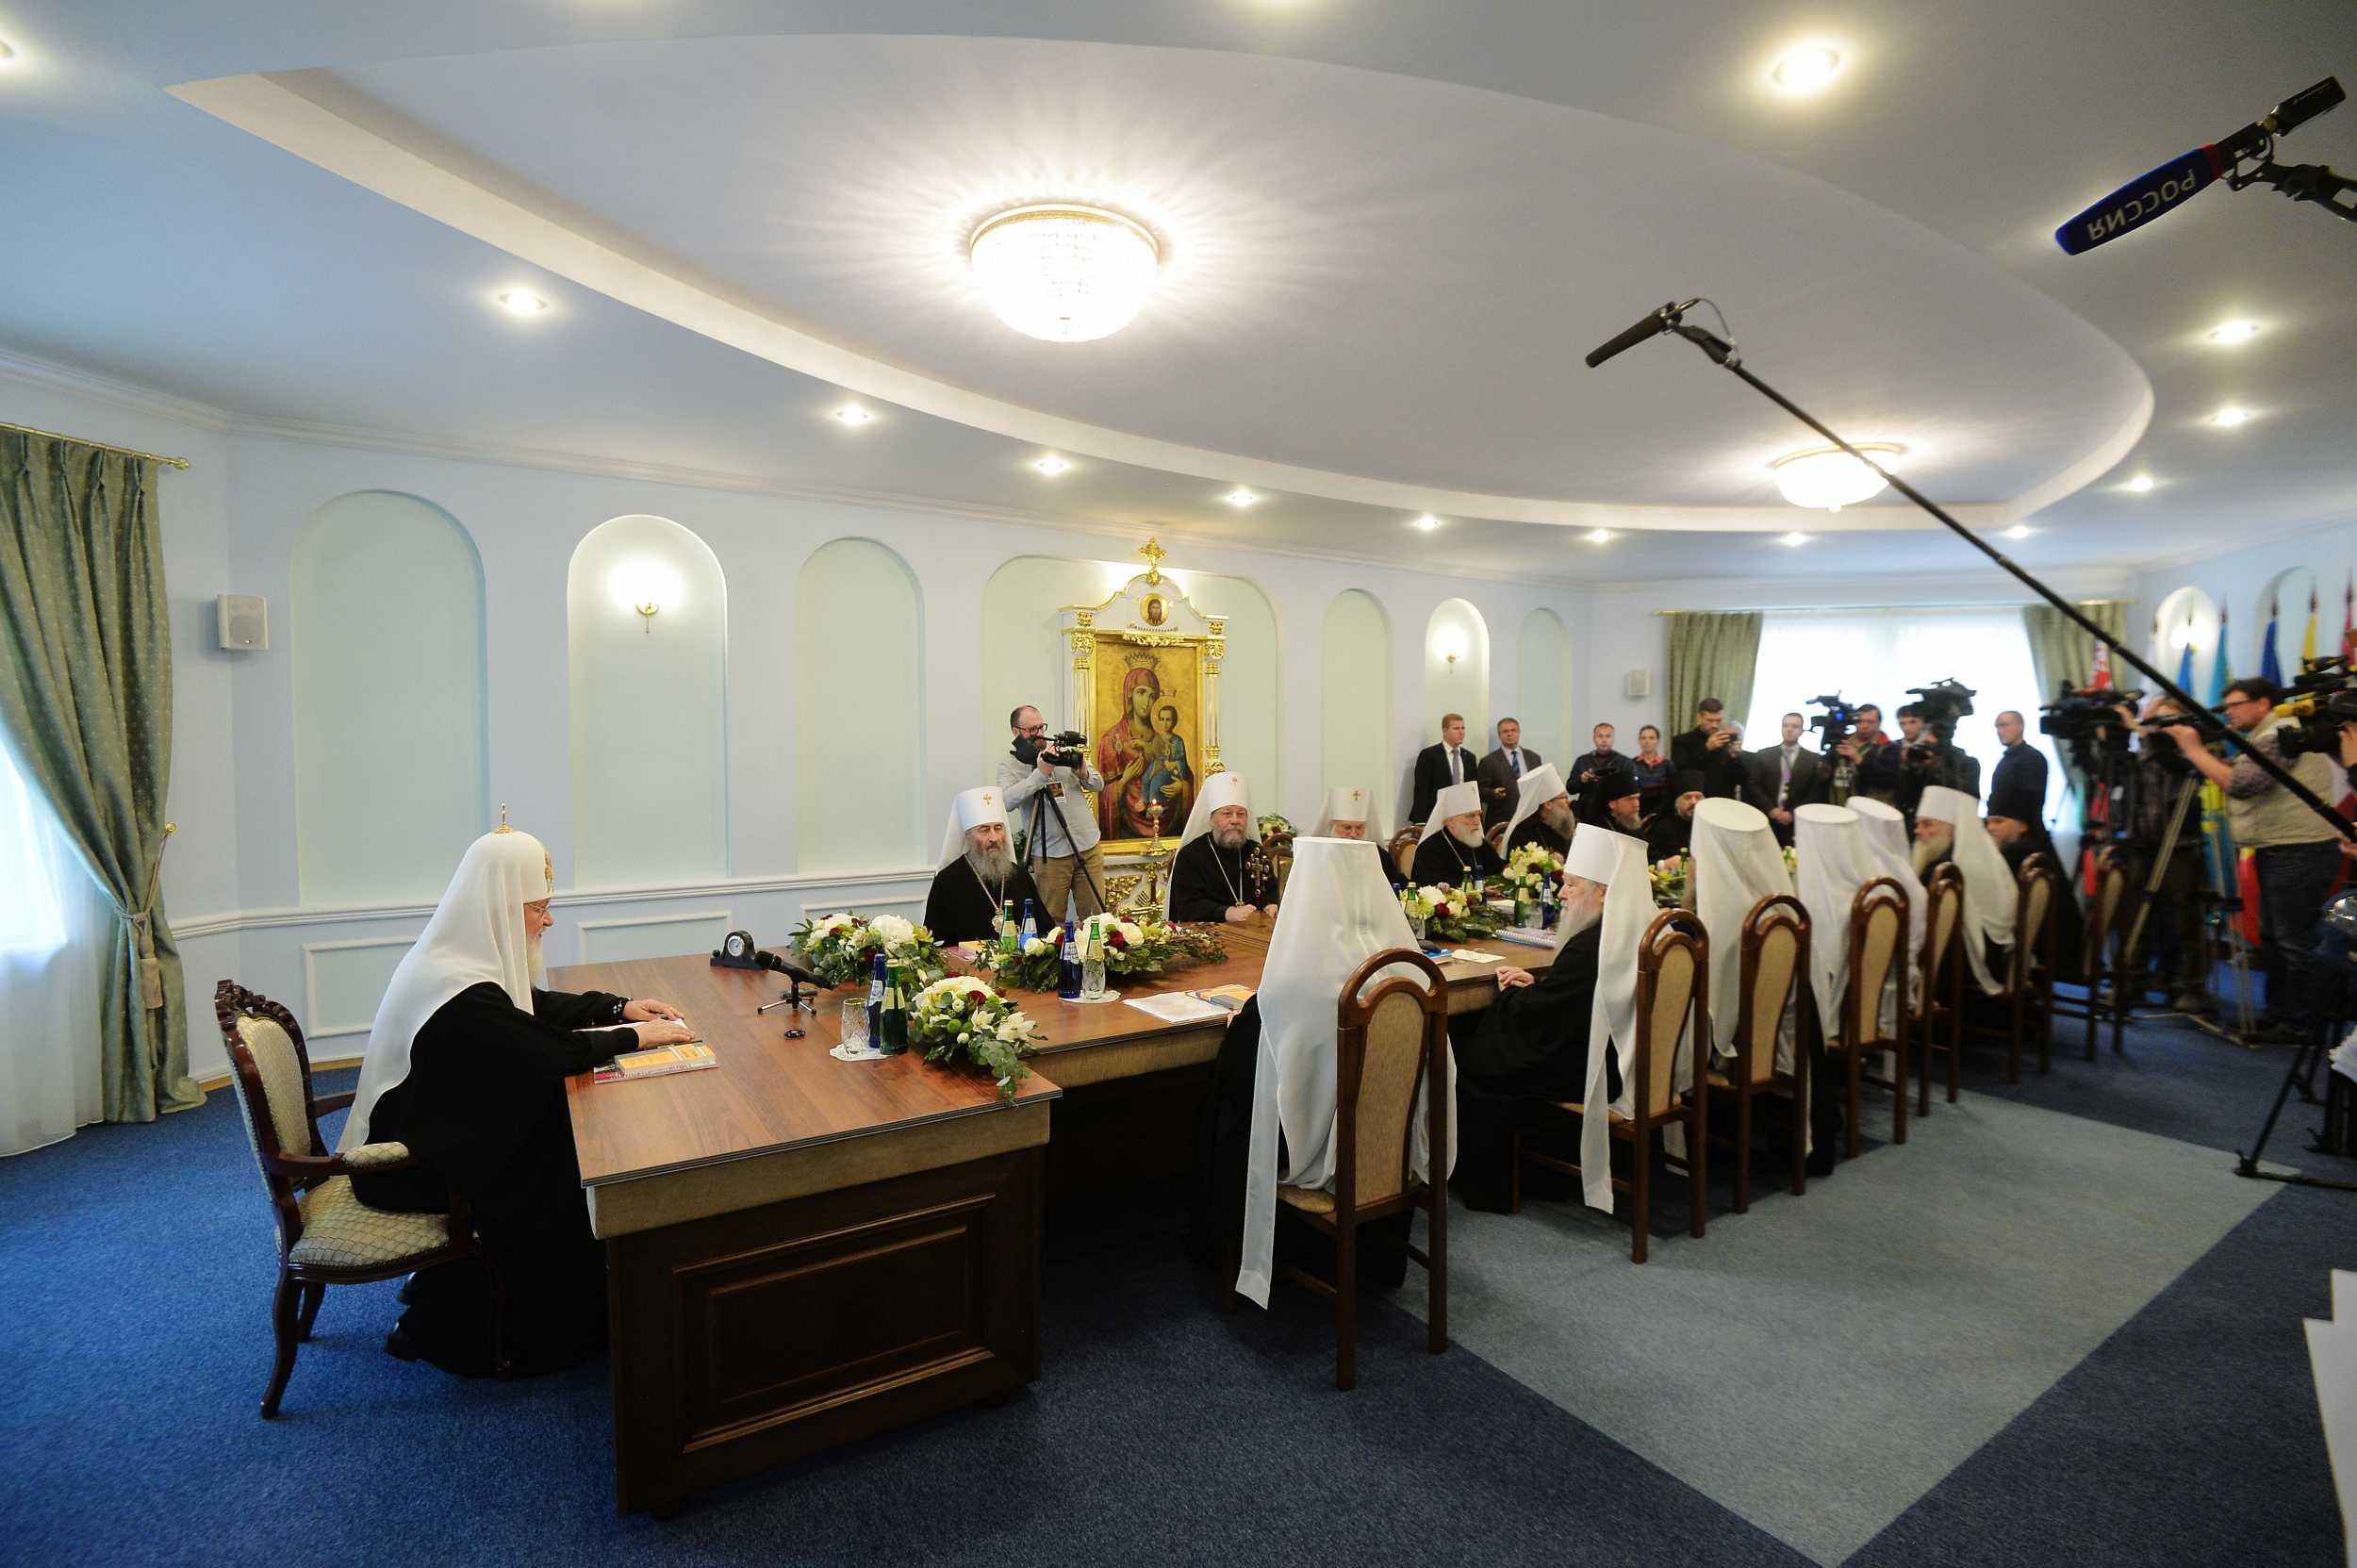 Священный Синод РПЦ признал невозможным дальнейшее пребывание в евхаристическом общении с Константинопольским Патриархатом